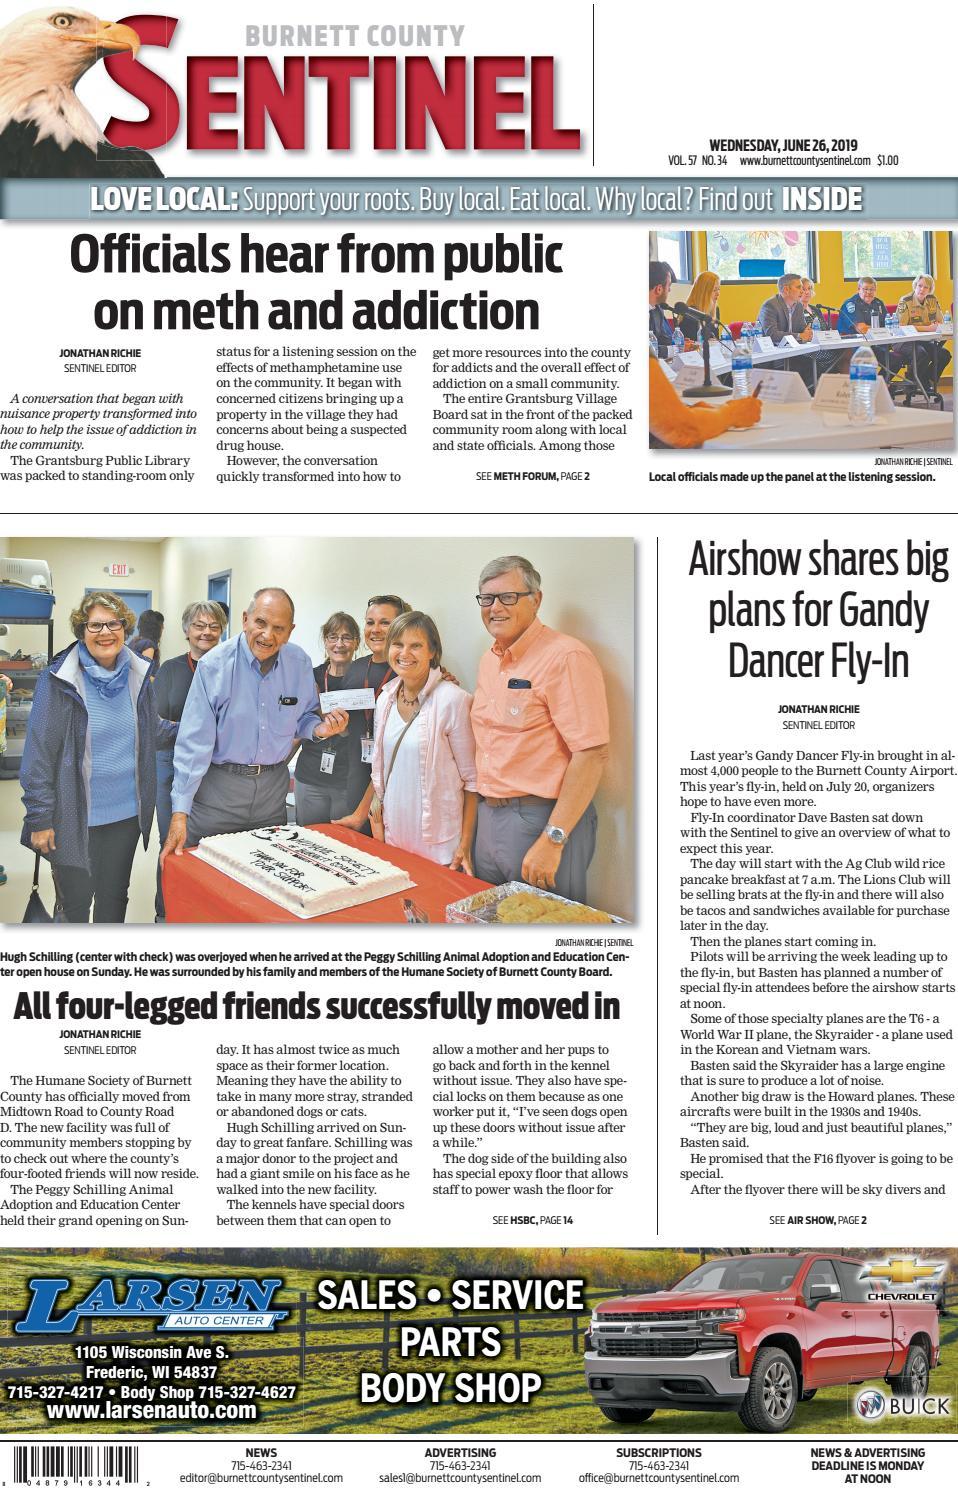 The Burnett County Sentinel 06-26-2019 by Burnett County